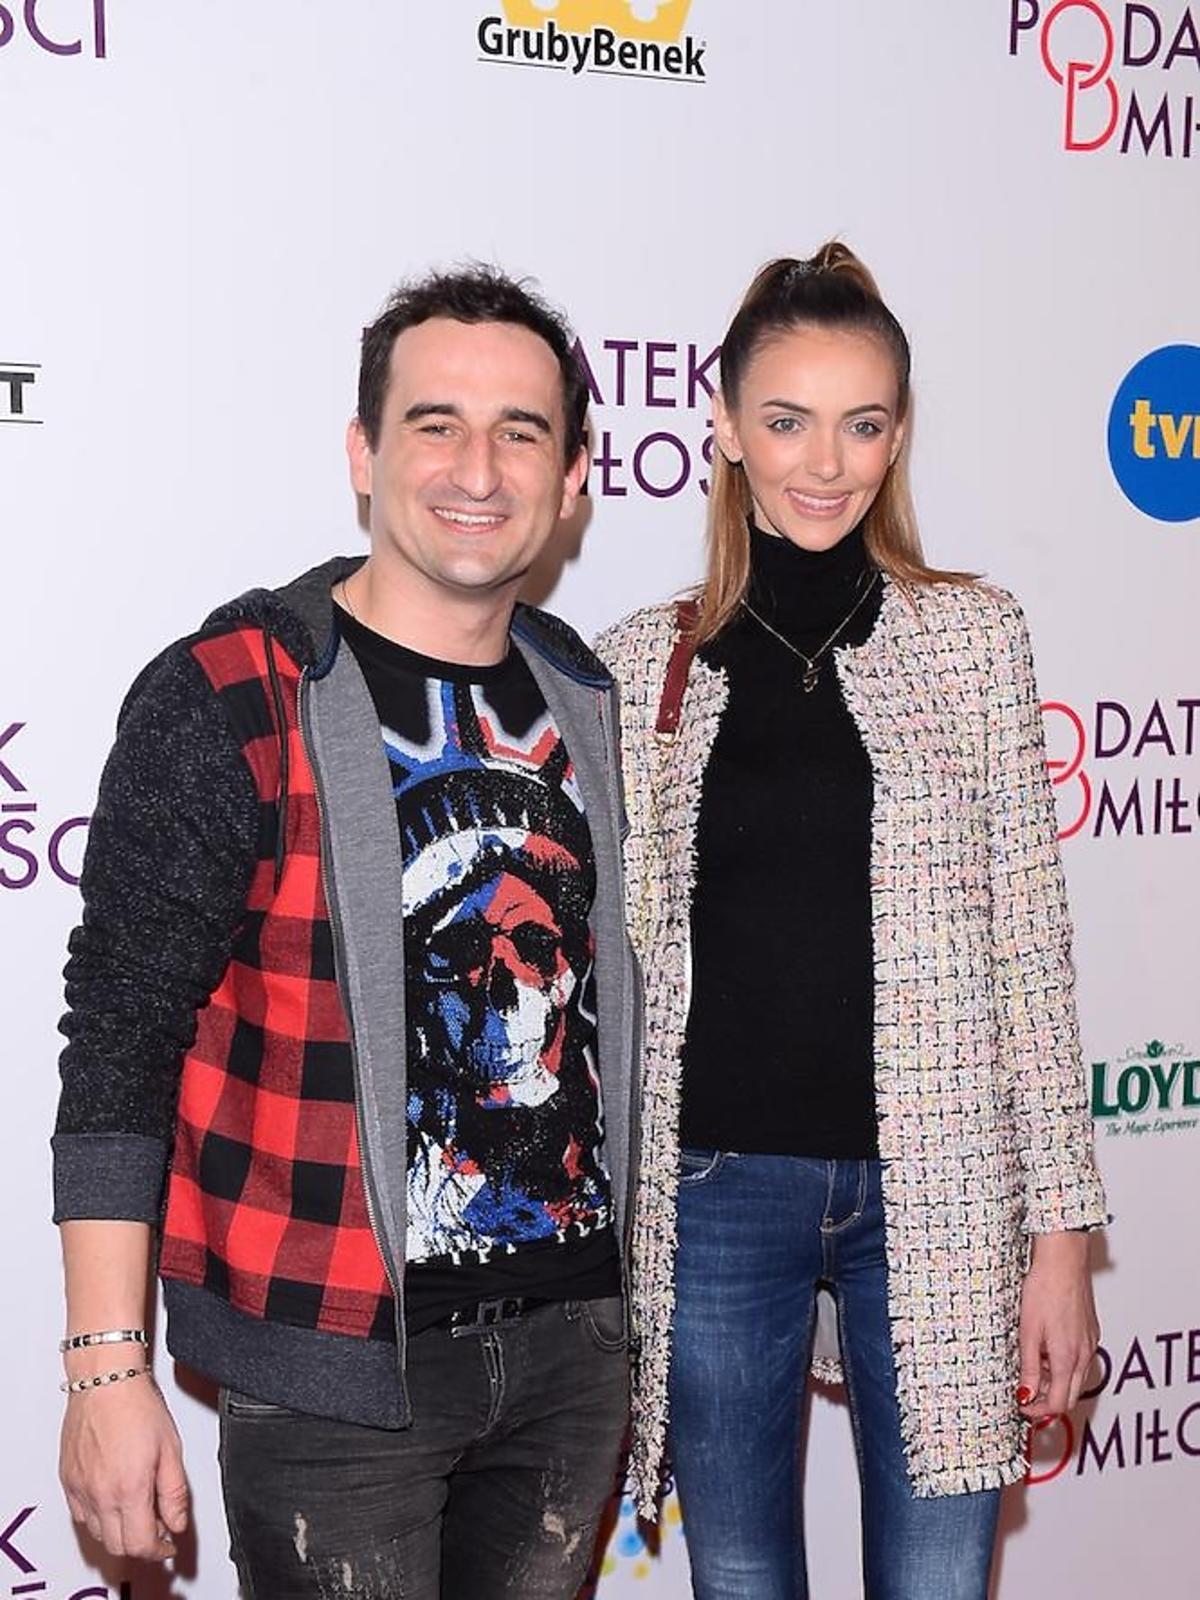 Misiek Koterski z partnerką na premierze podatek od miłości